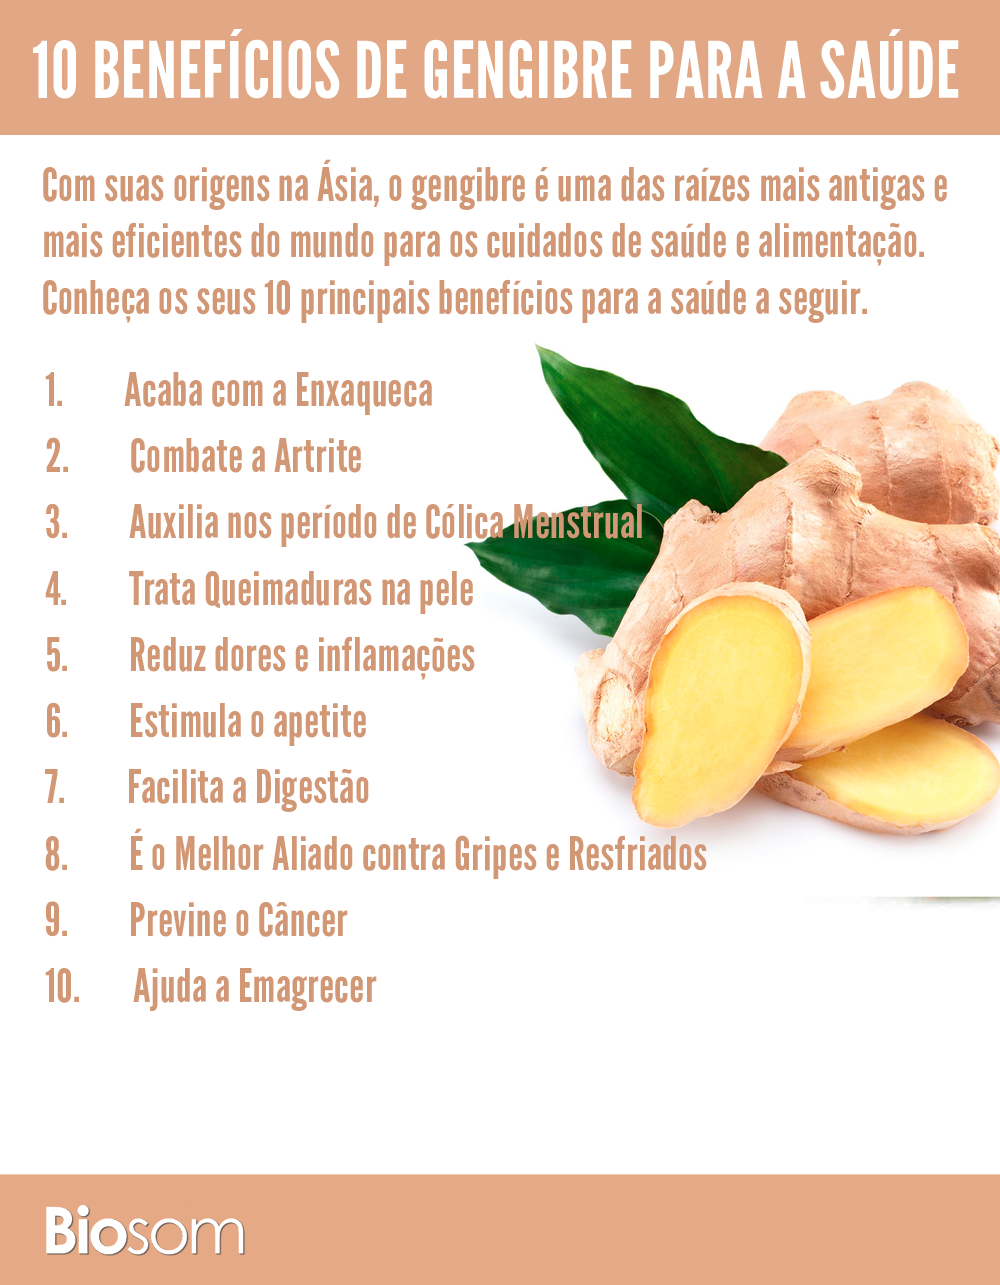 10 benefícios do gengibre para a saúde